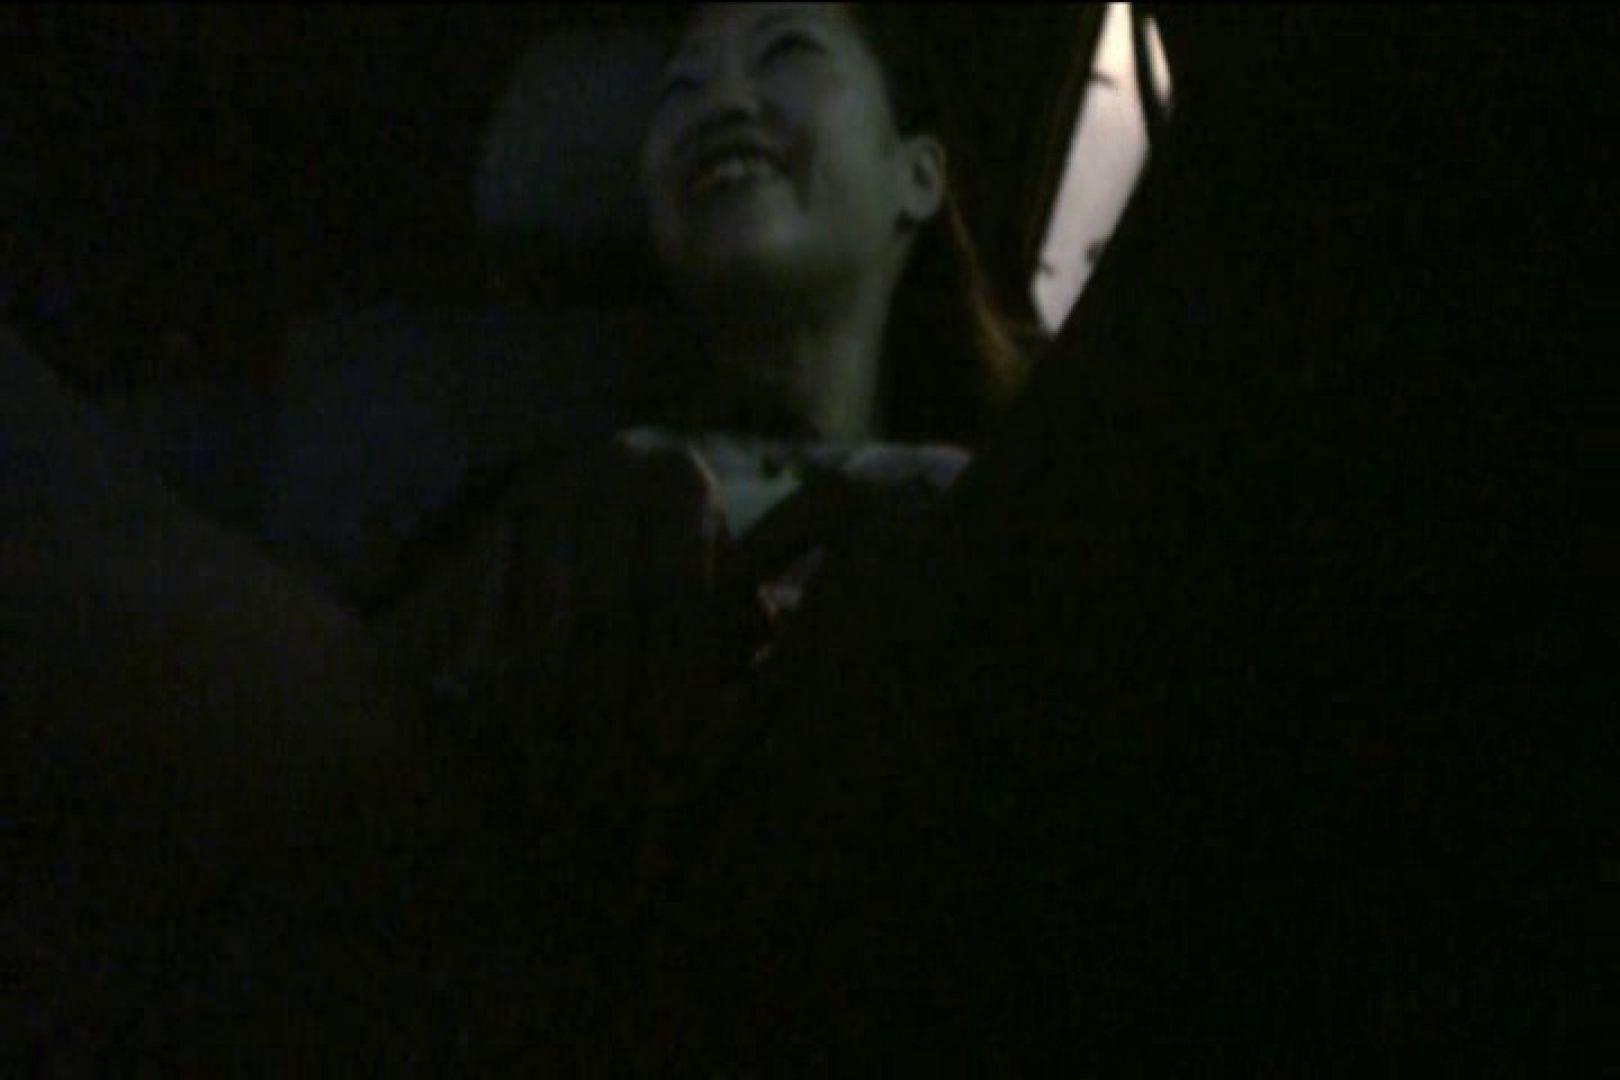 車内で初めまして! vol01 出会い系 おまんこ無修正動画無料 105連発 97